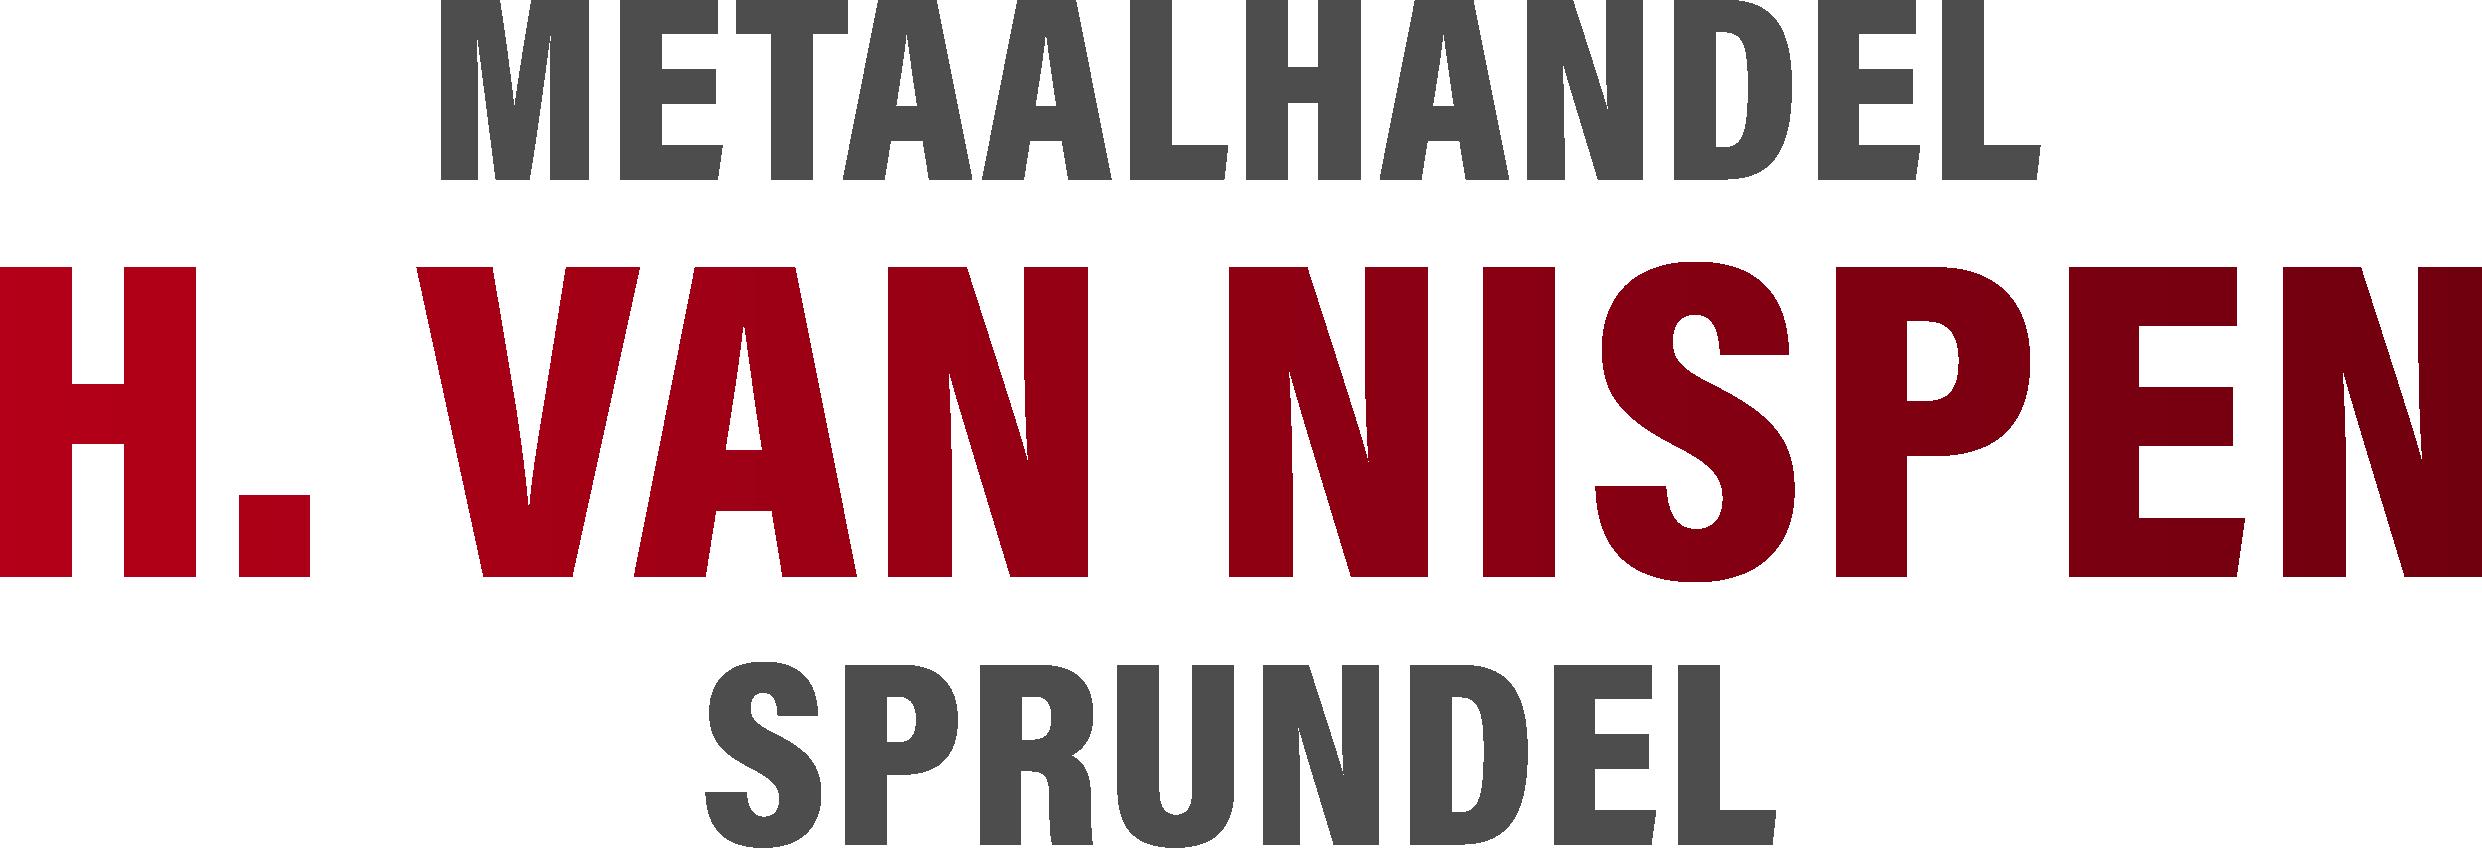 H. Van Nispen Metaalhandel